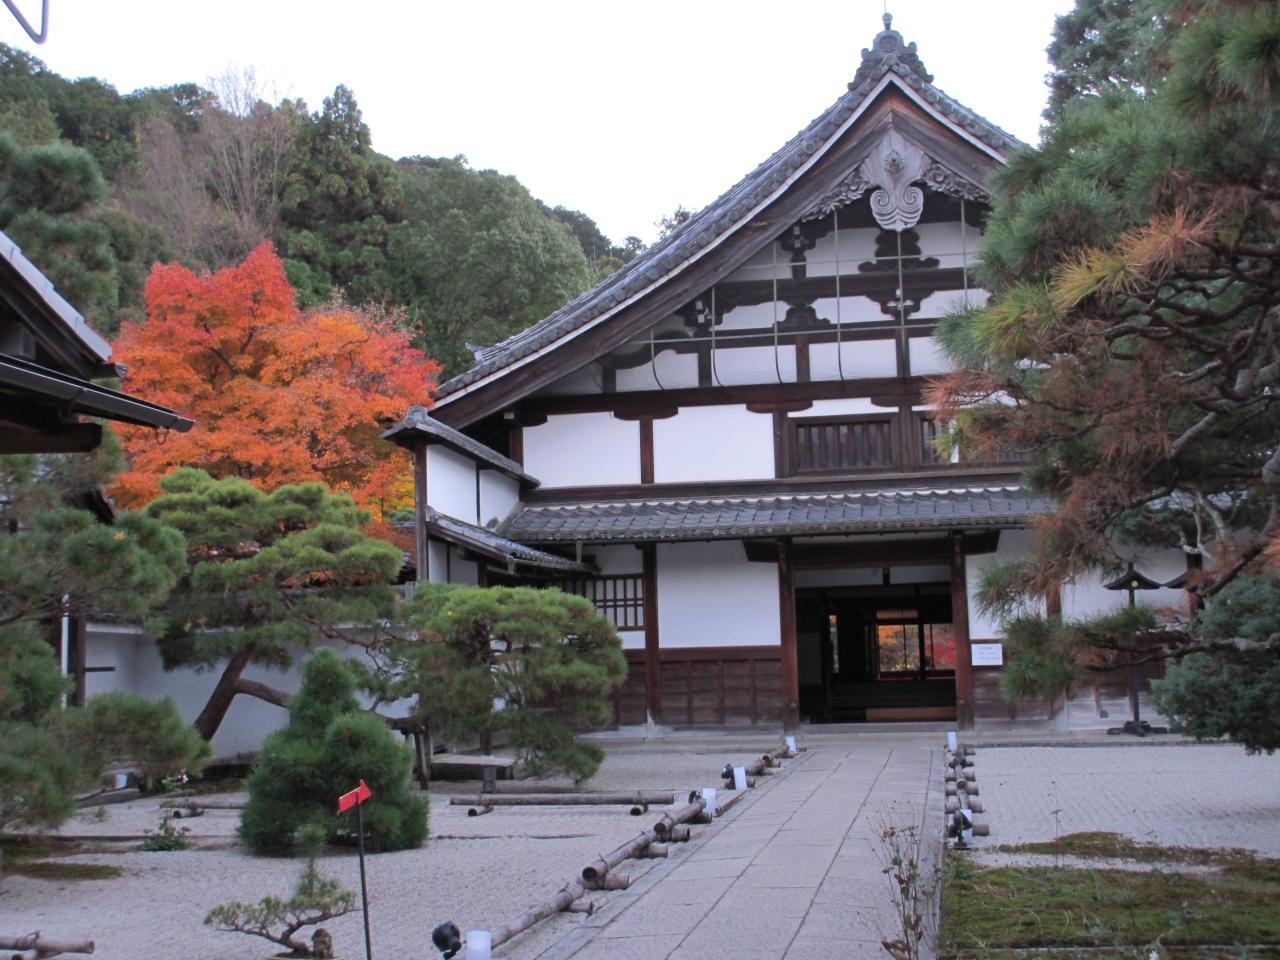 2012年 京都・東山紅葉 南禅寺と永観堂のライトアップ